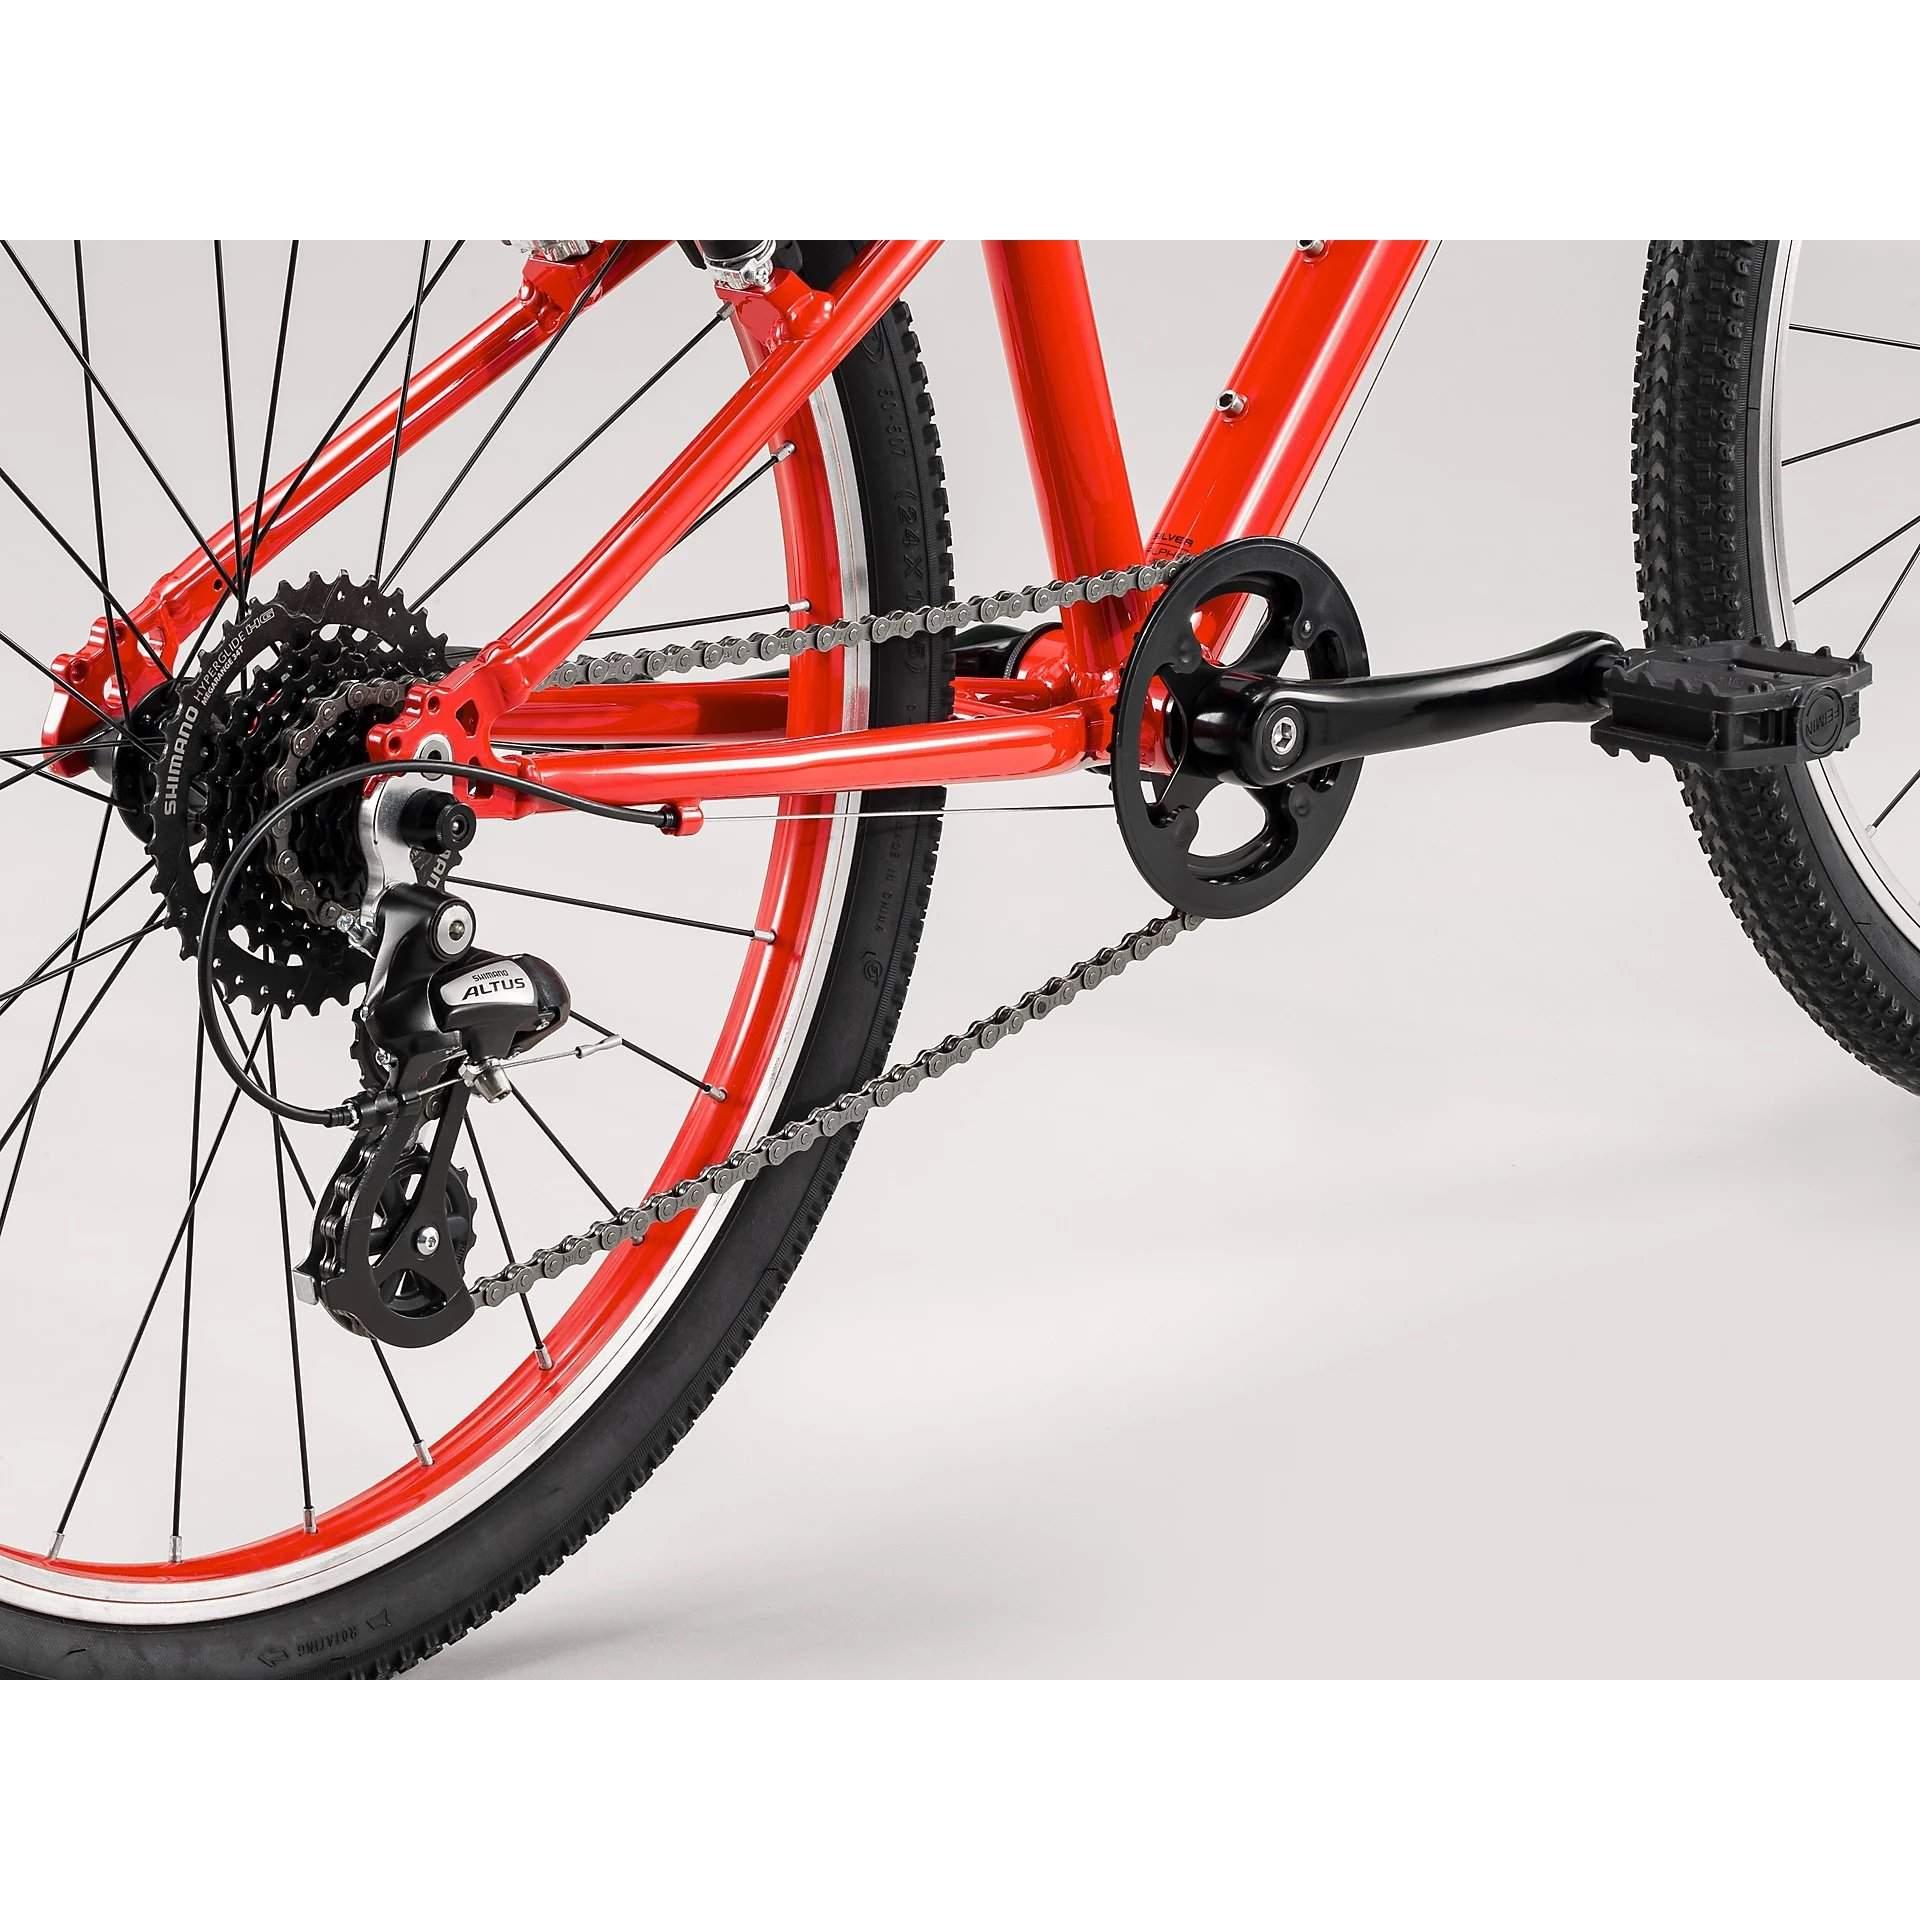 ROWER TREK WAHOO 24 VIPER RED|TREK BLACK 5